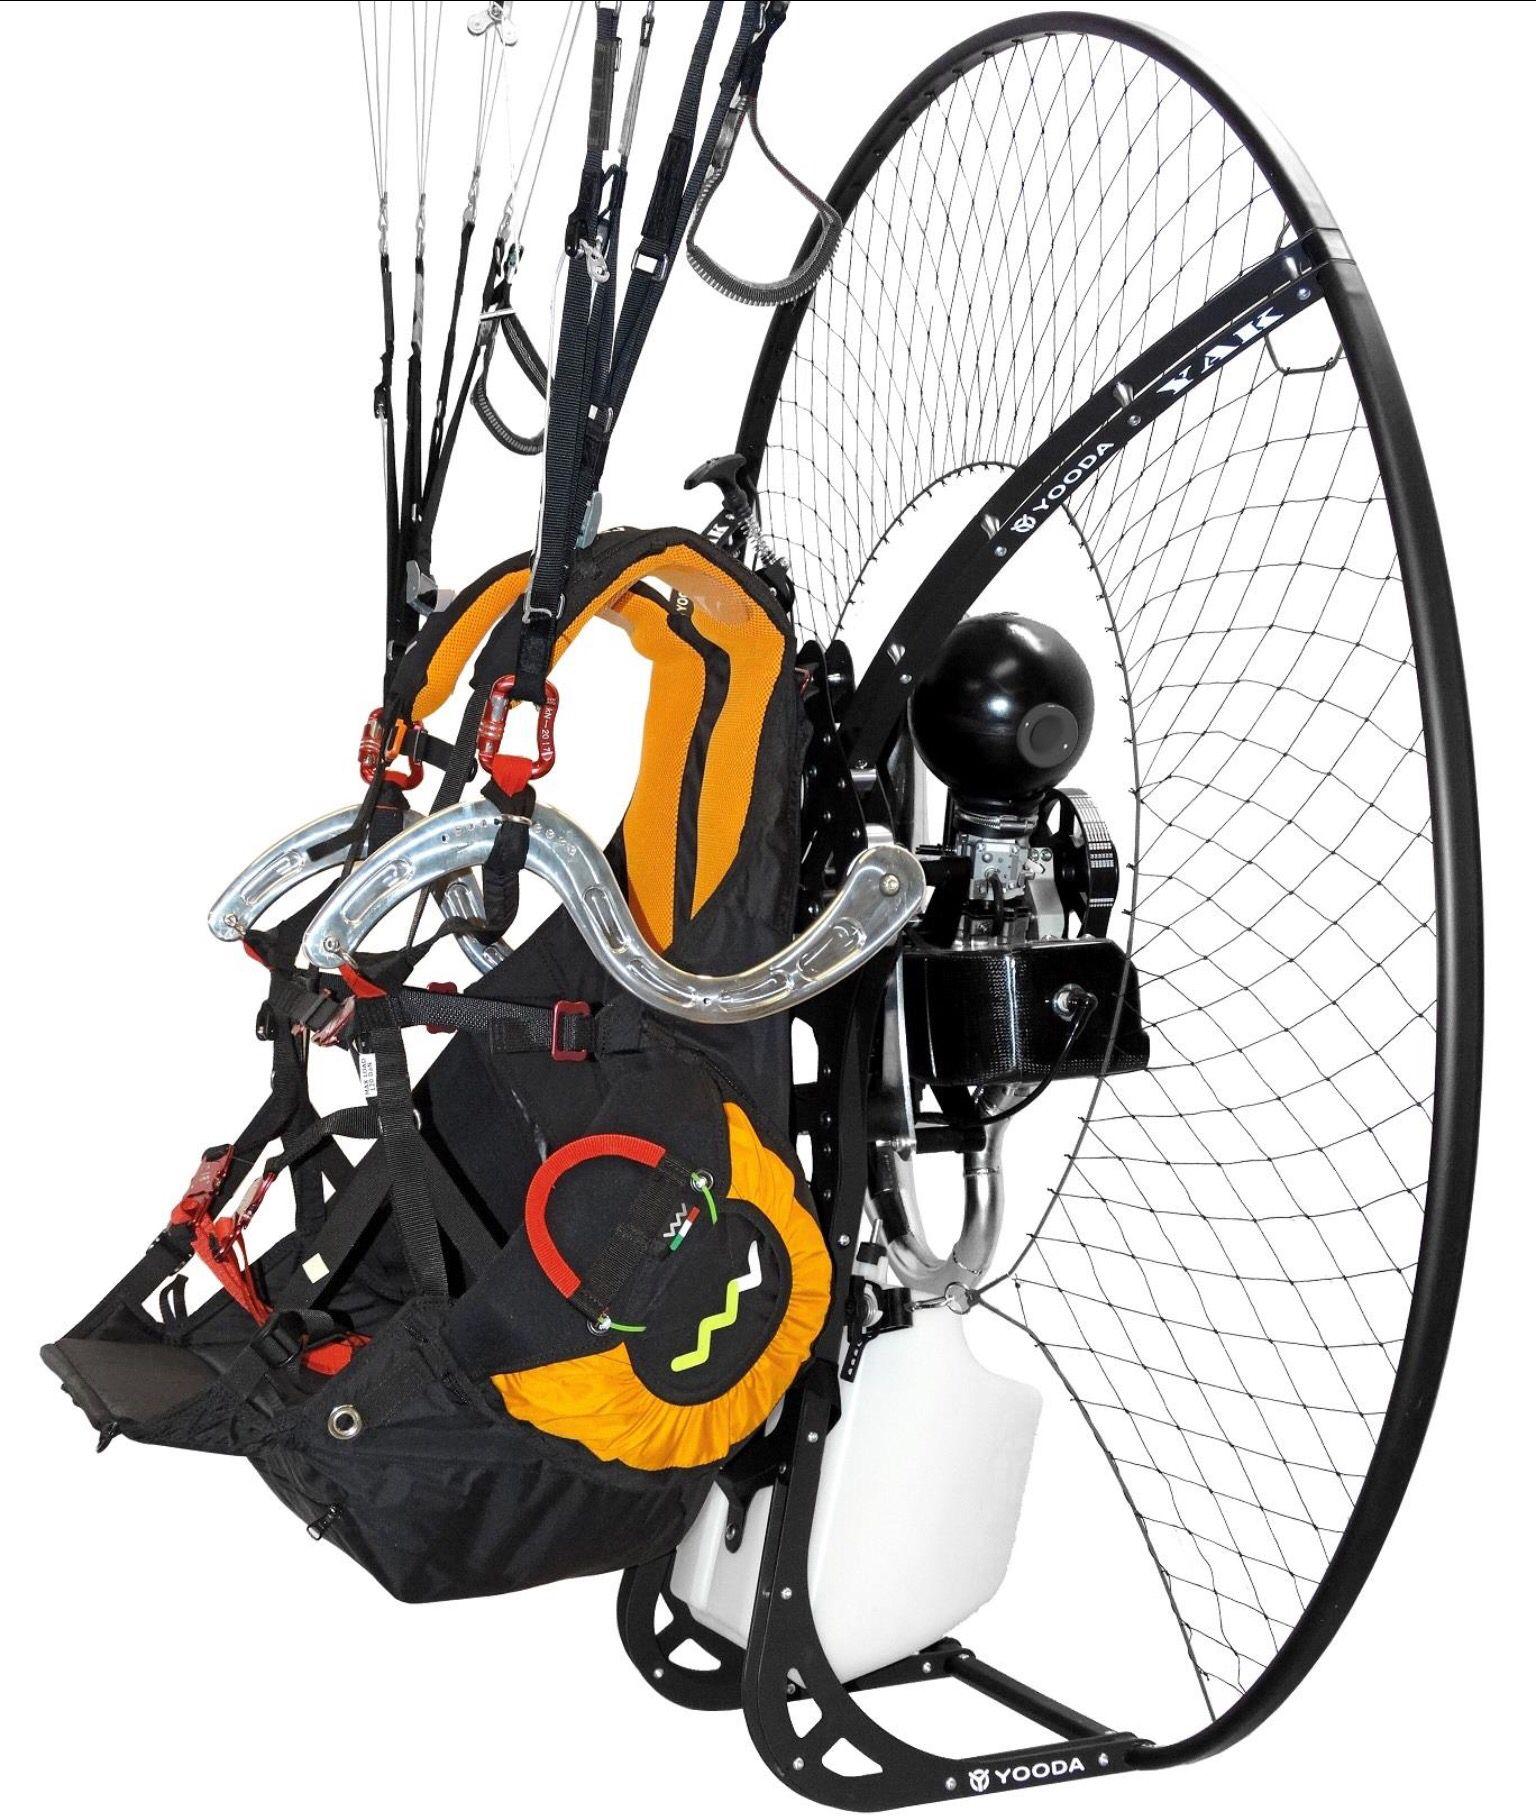 Woody Valley's new paramotor harness Paramotoring